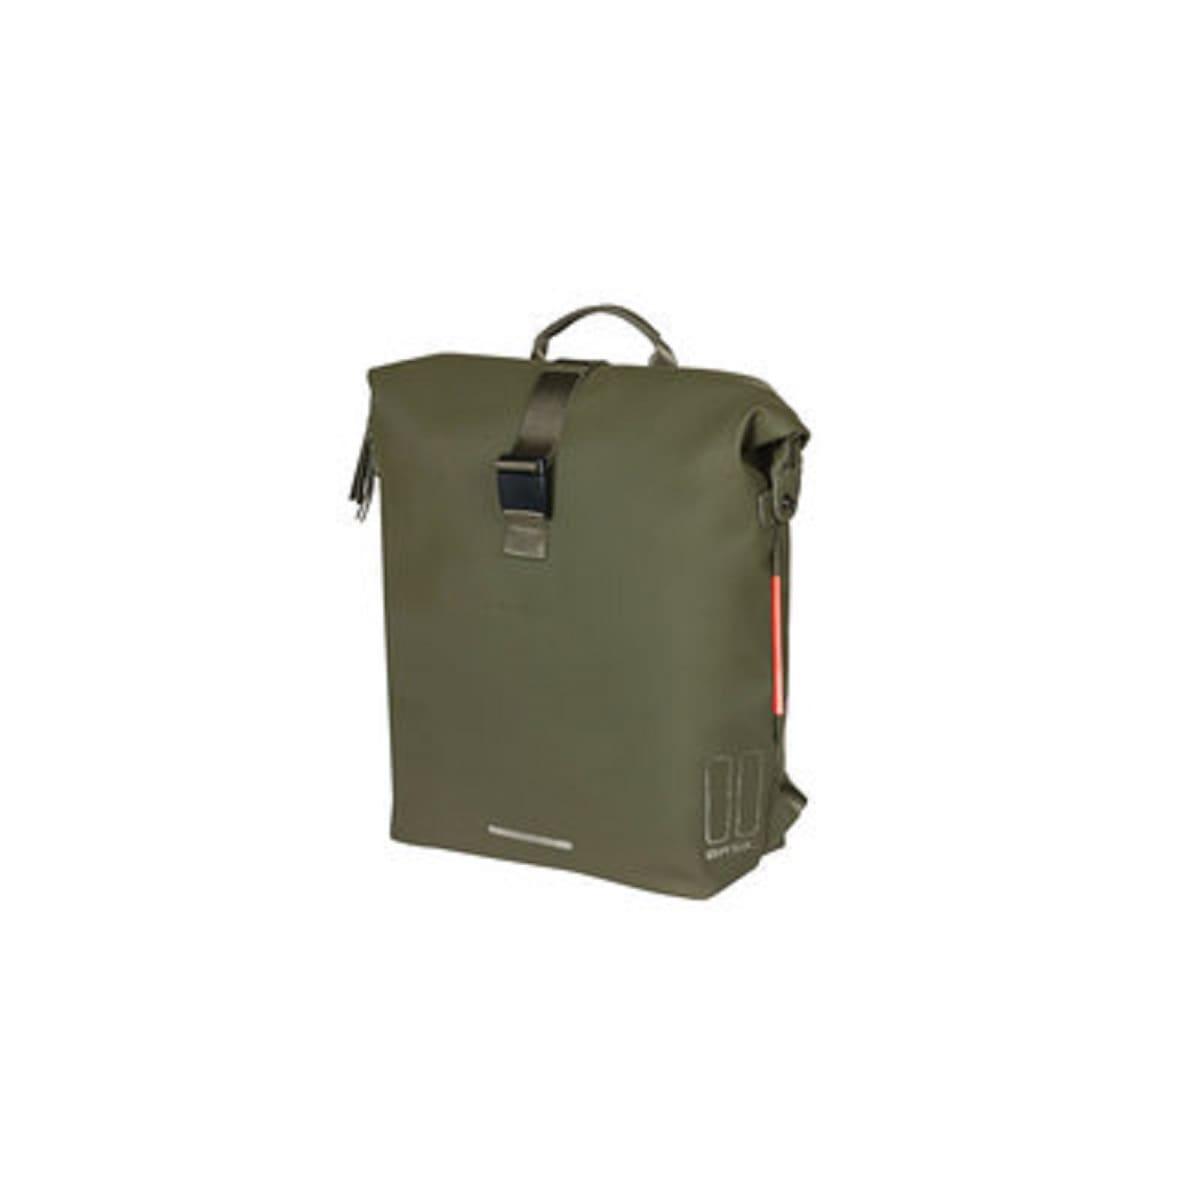 basil-soho-fietsrugzak-nordlicht-17-liter-moss-gro-min (1)